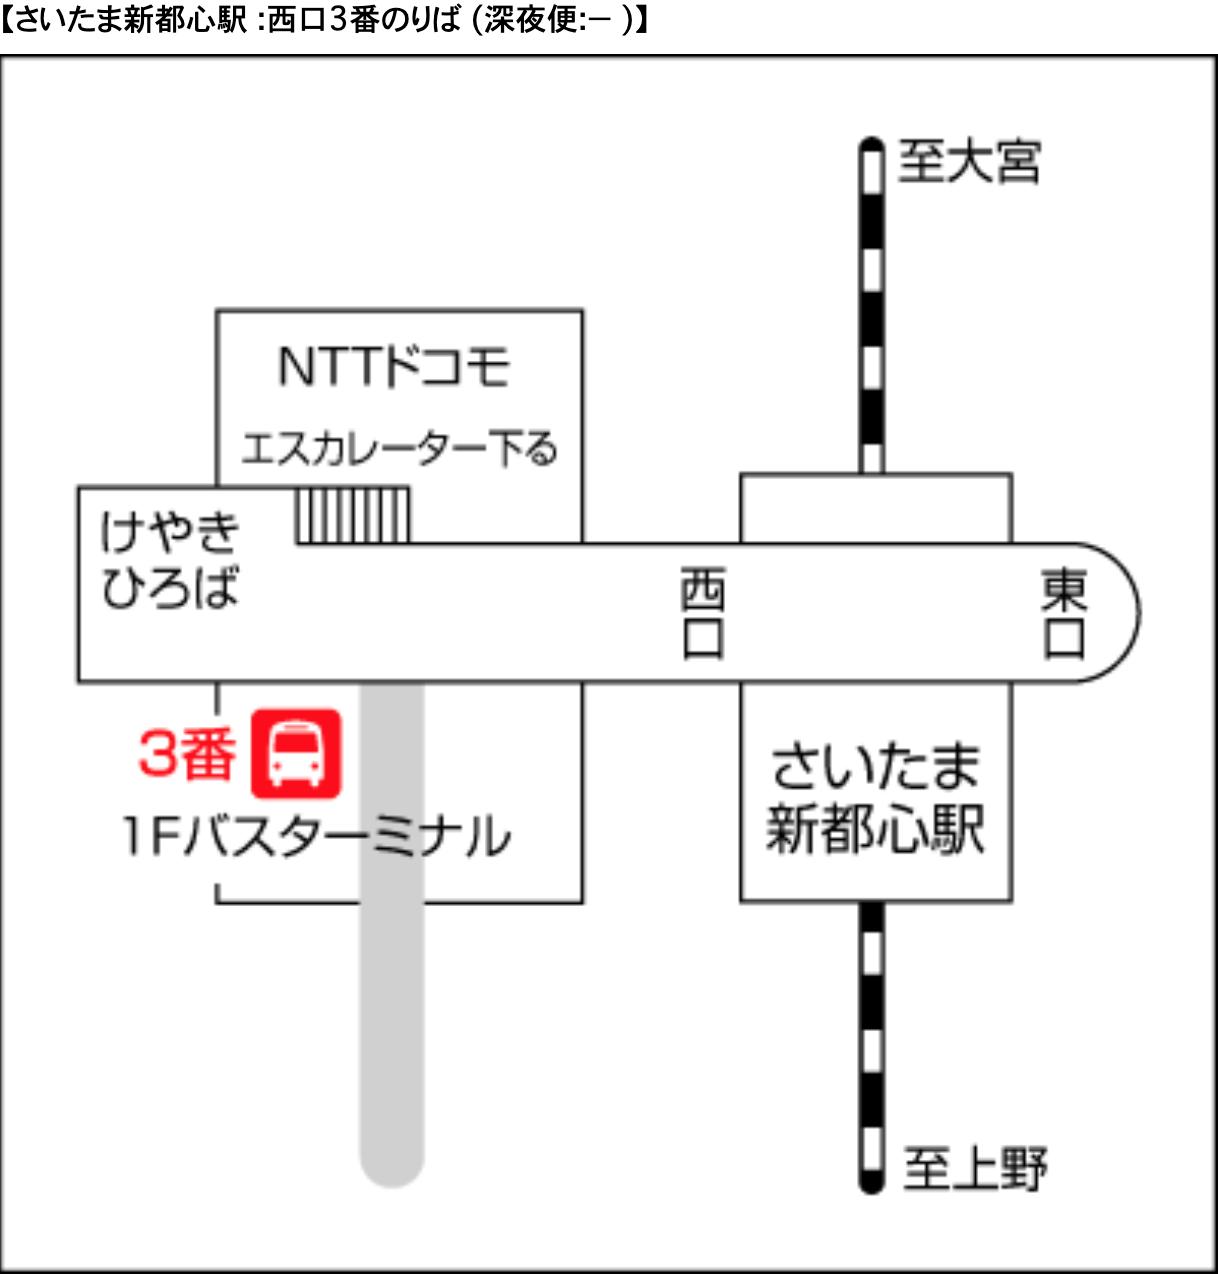 空港バス さいたま新都心駅 案内図